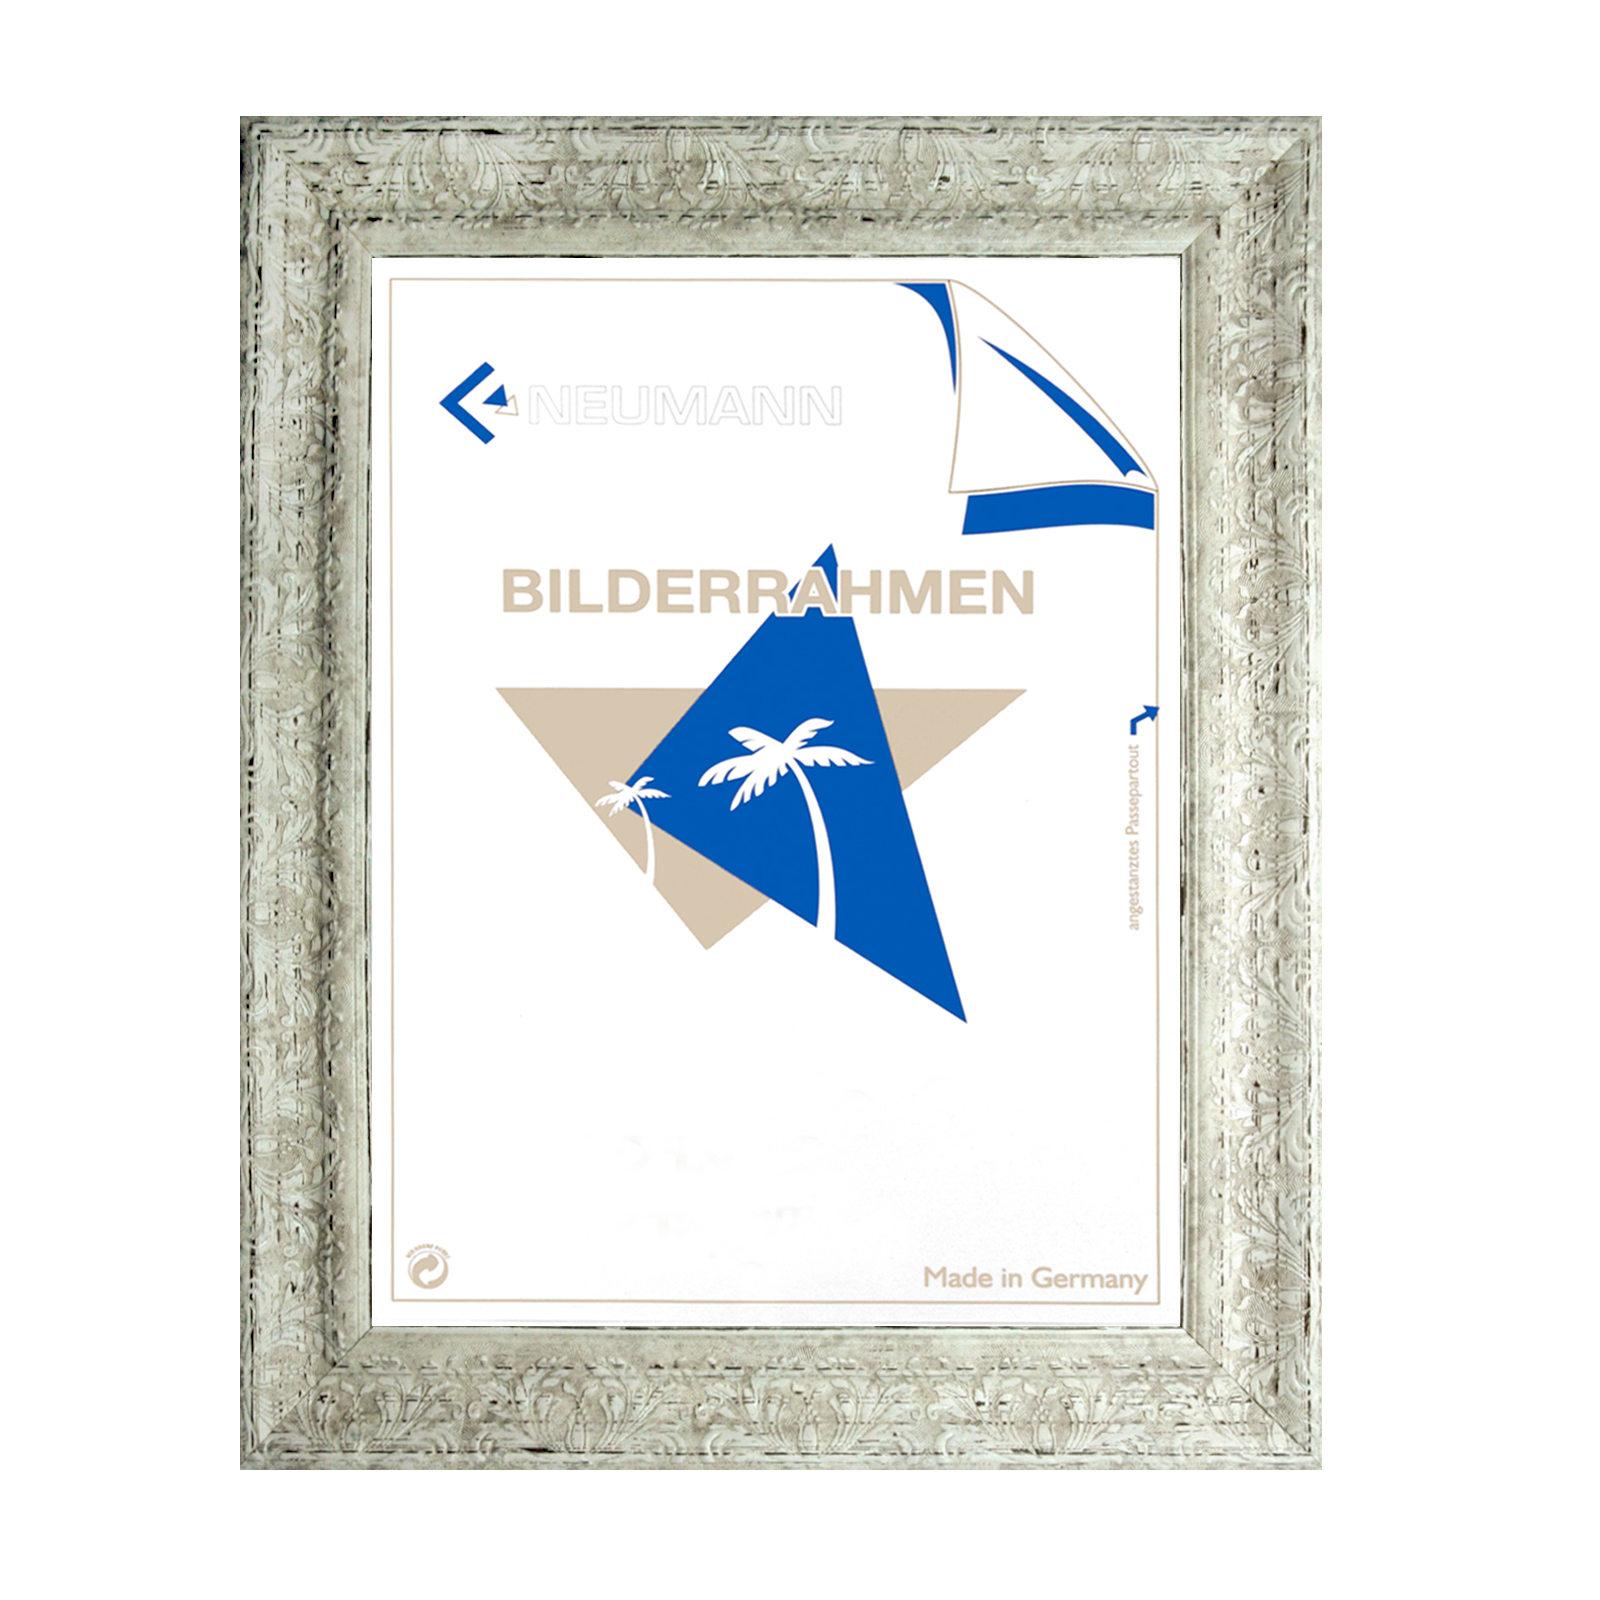 Cadre Vide Neumann Bilderrahmen Cadre Baroque Blanc Finement d/écor/é 843 AVO 18x24 cm